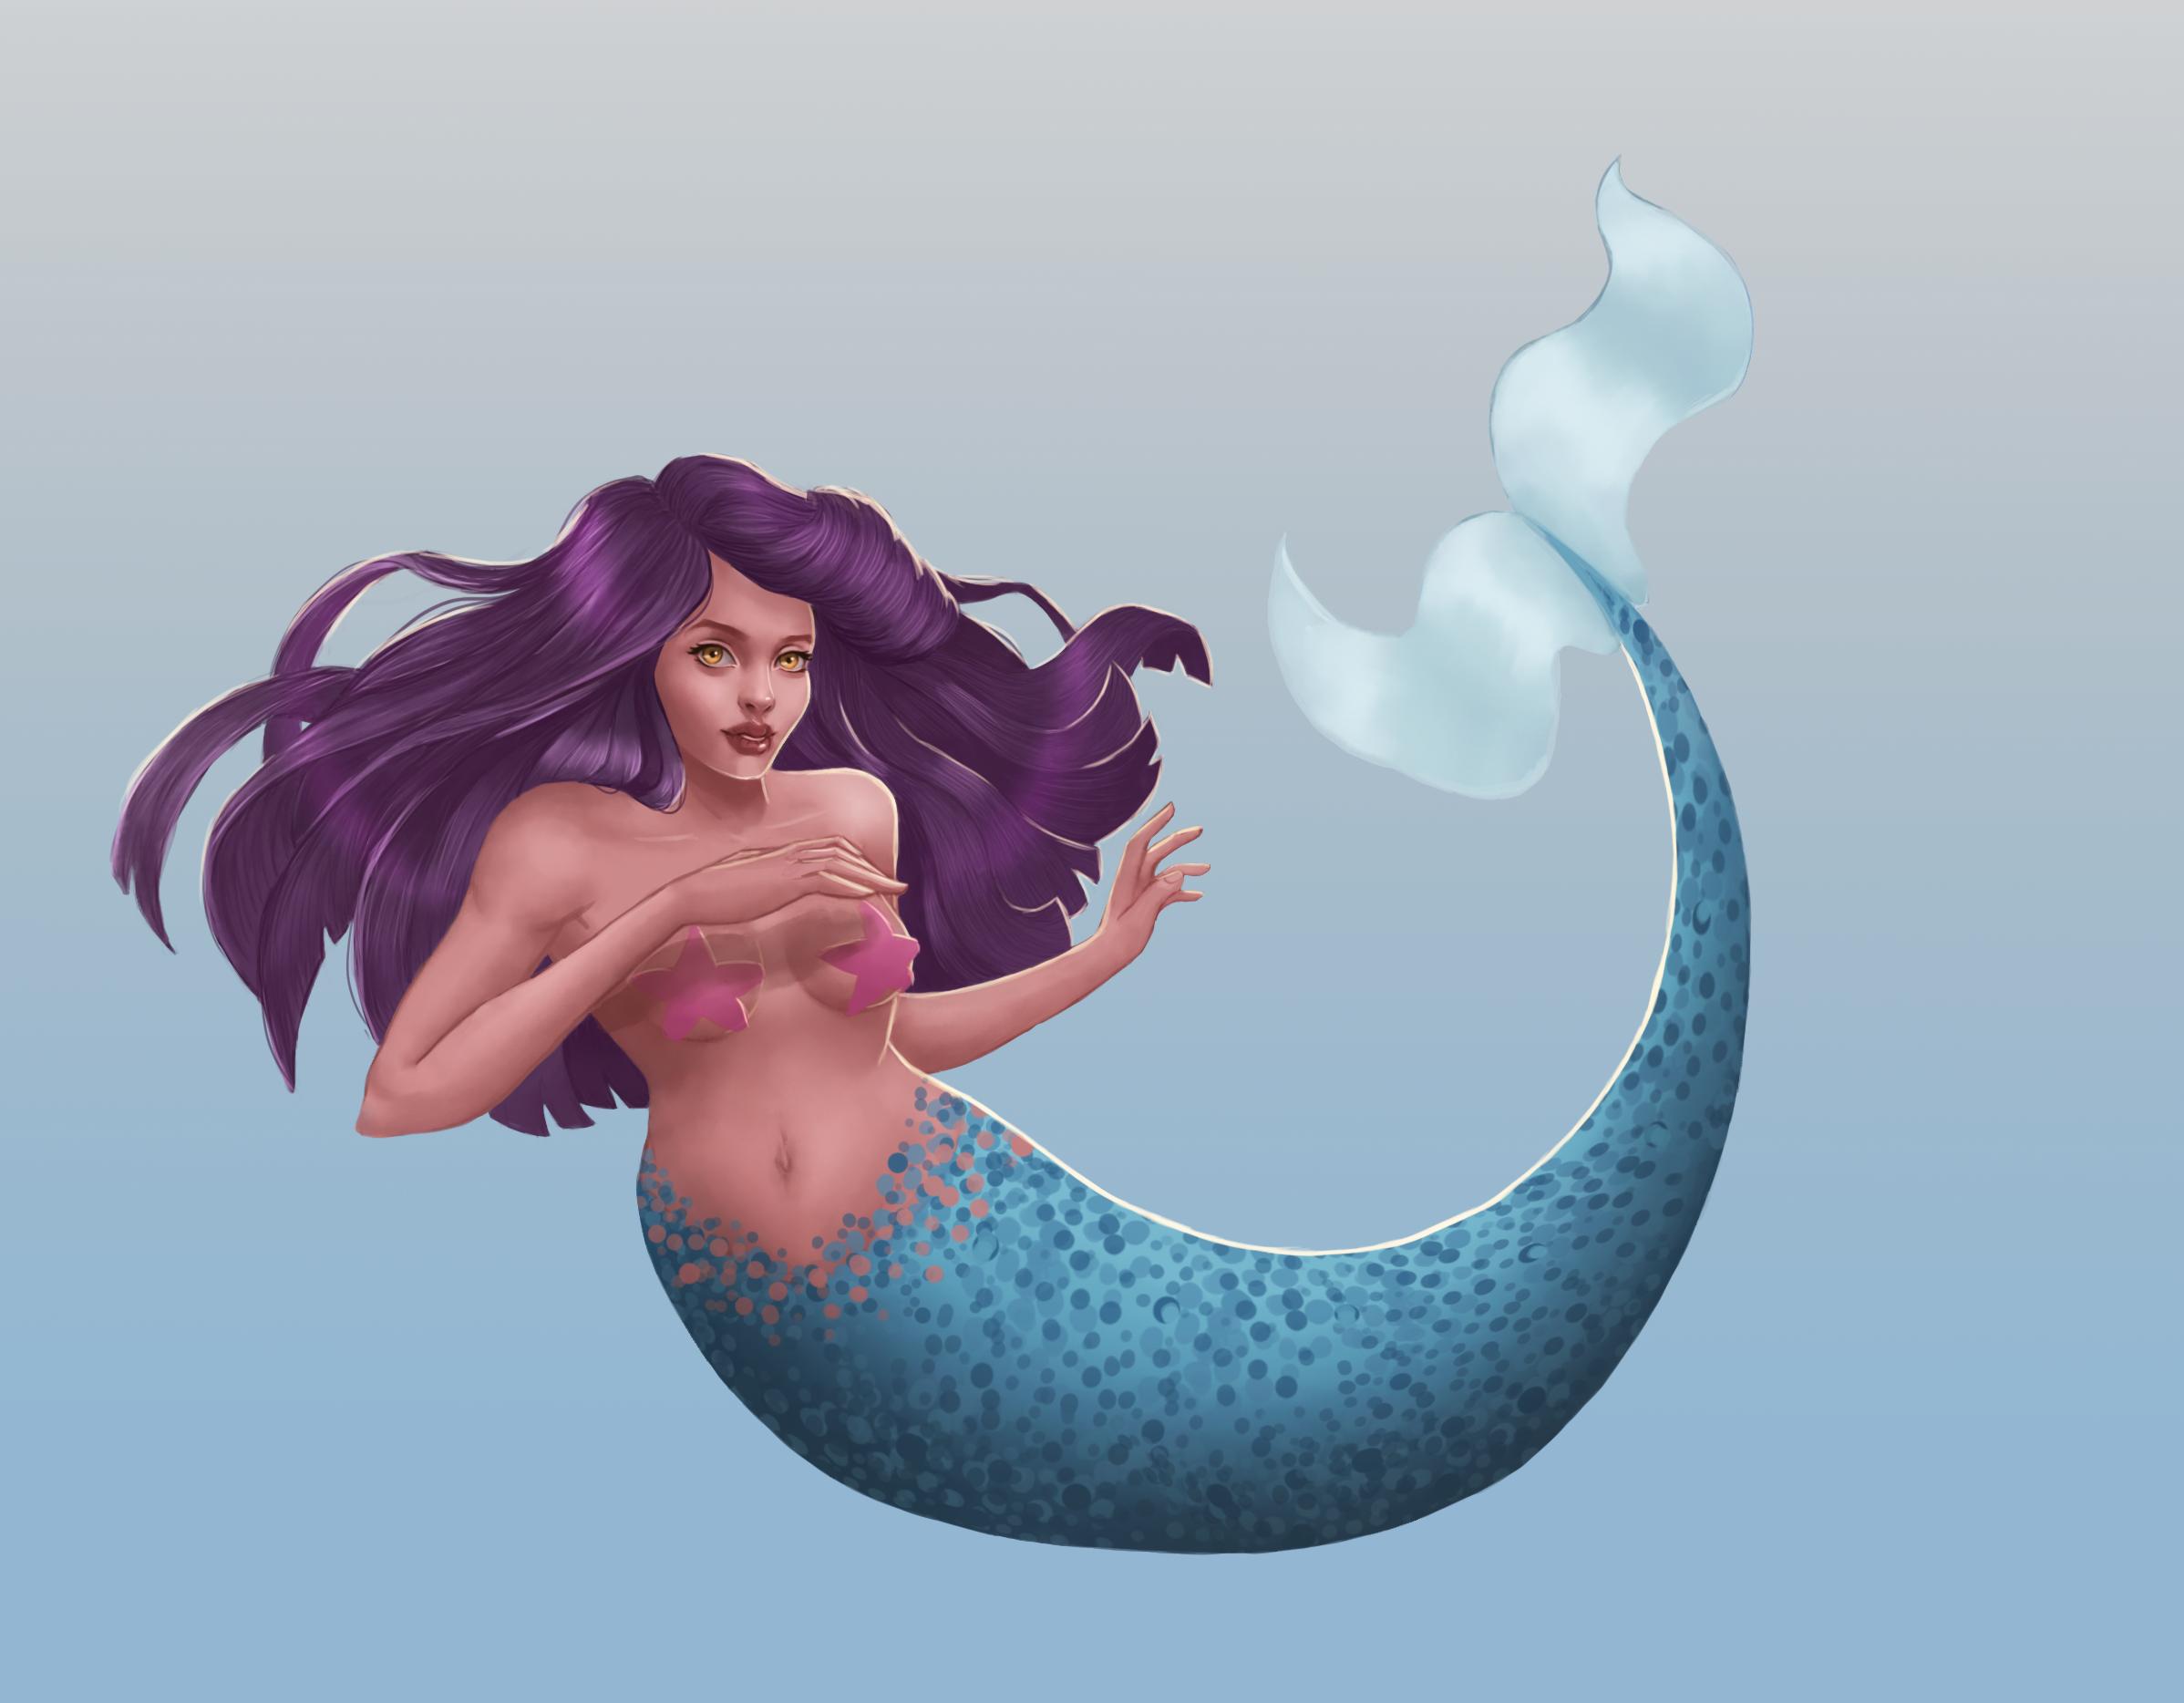 Mermaid for mermay!